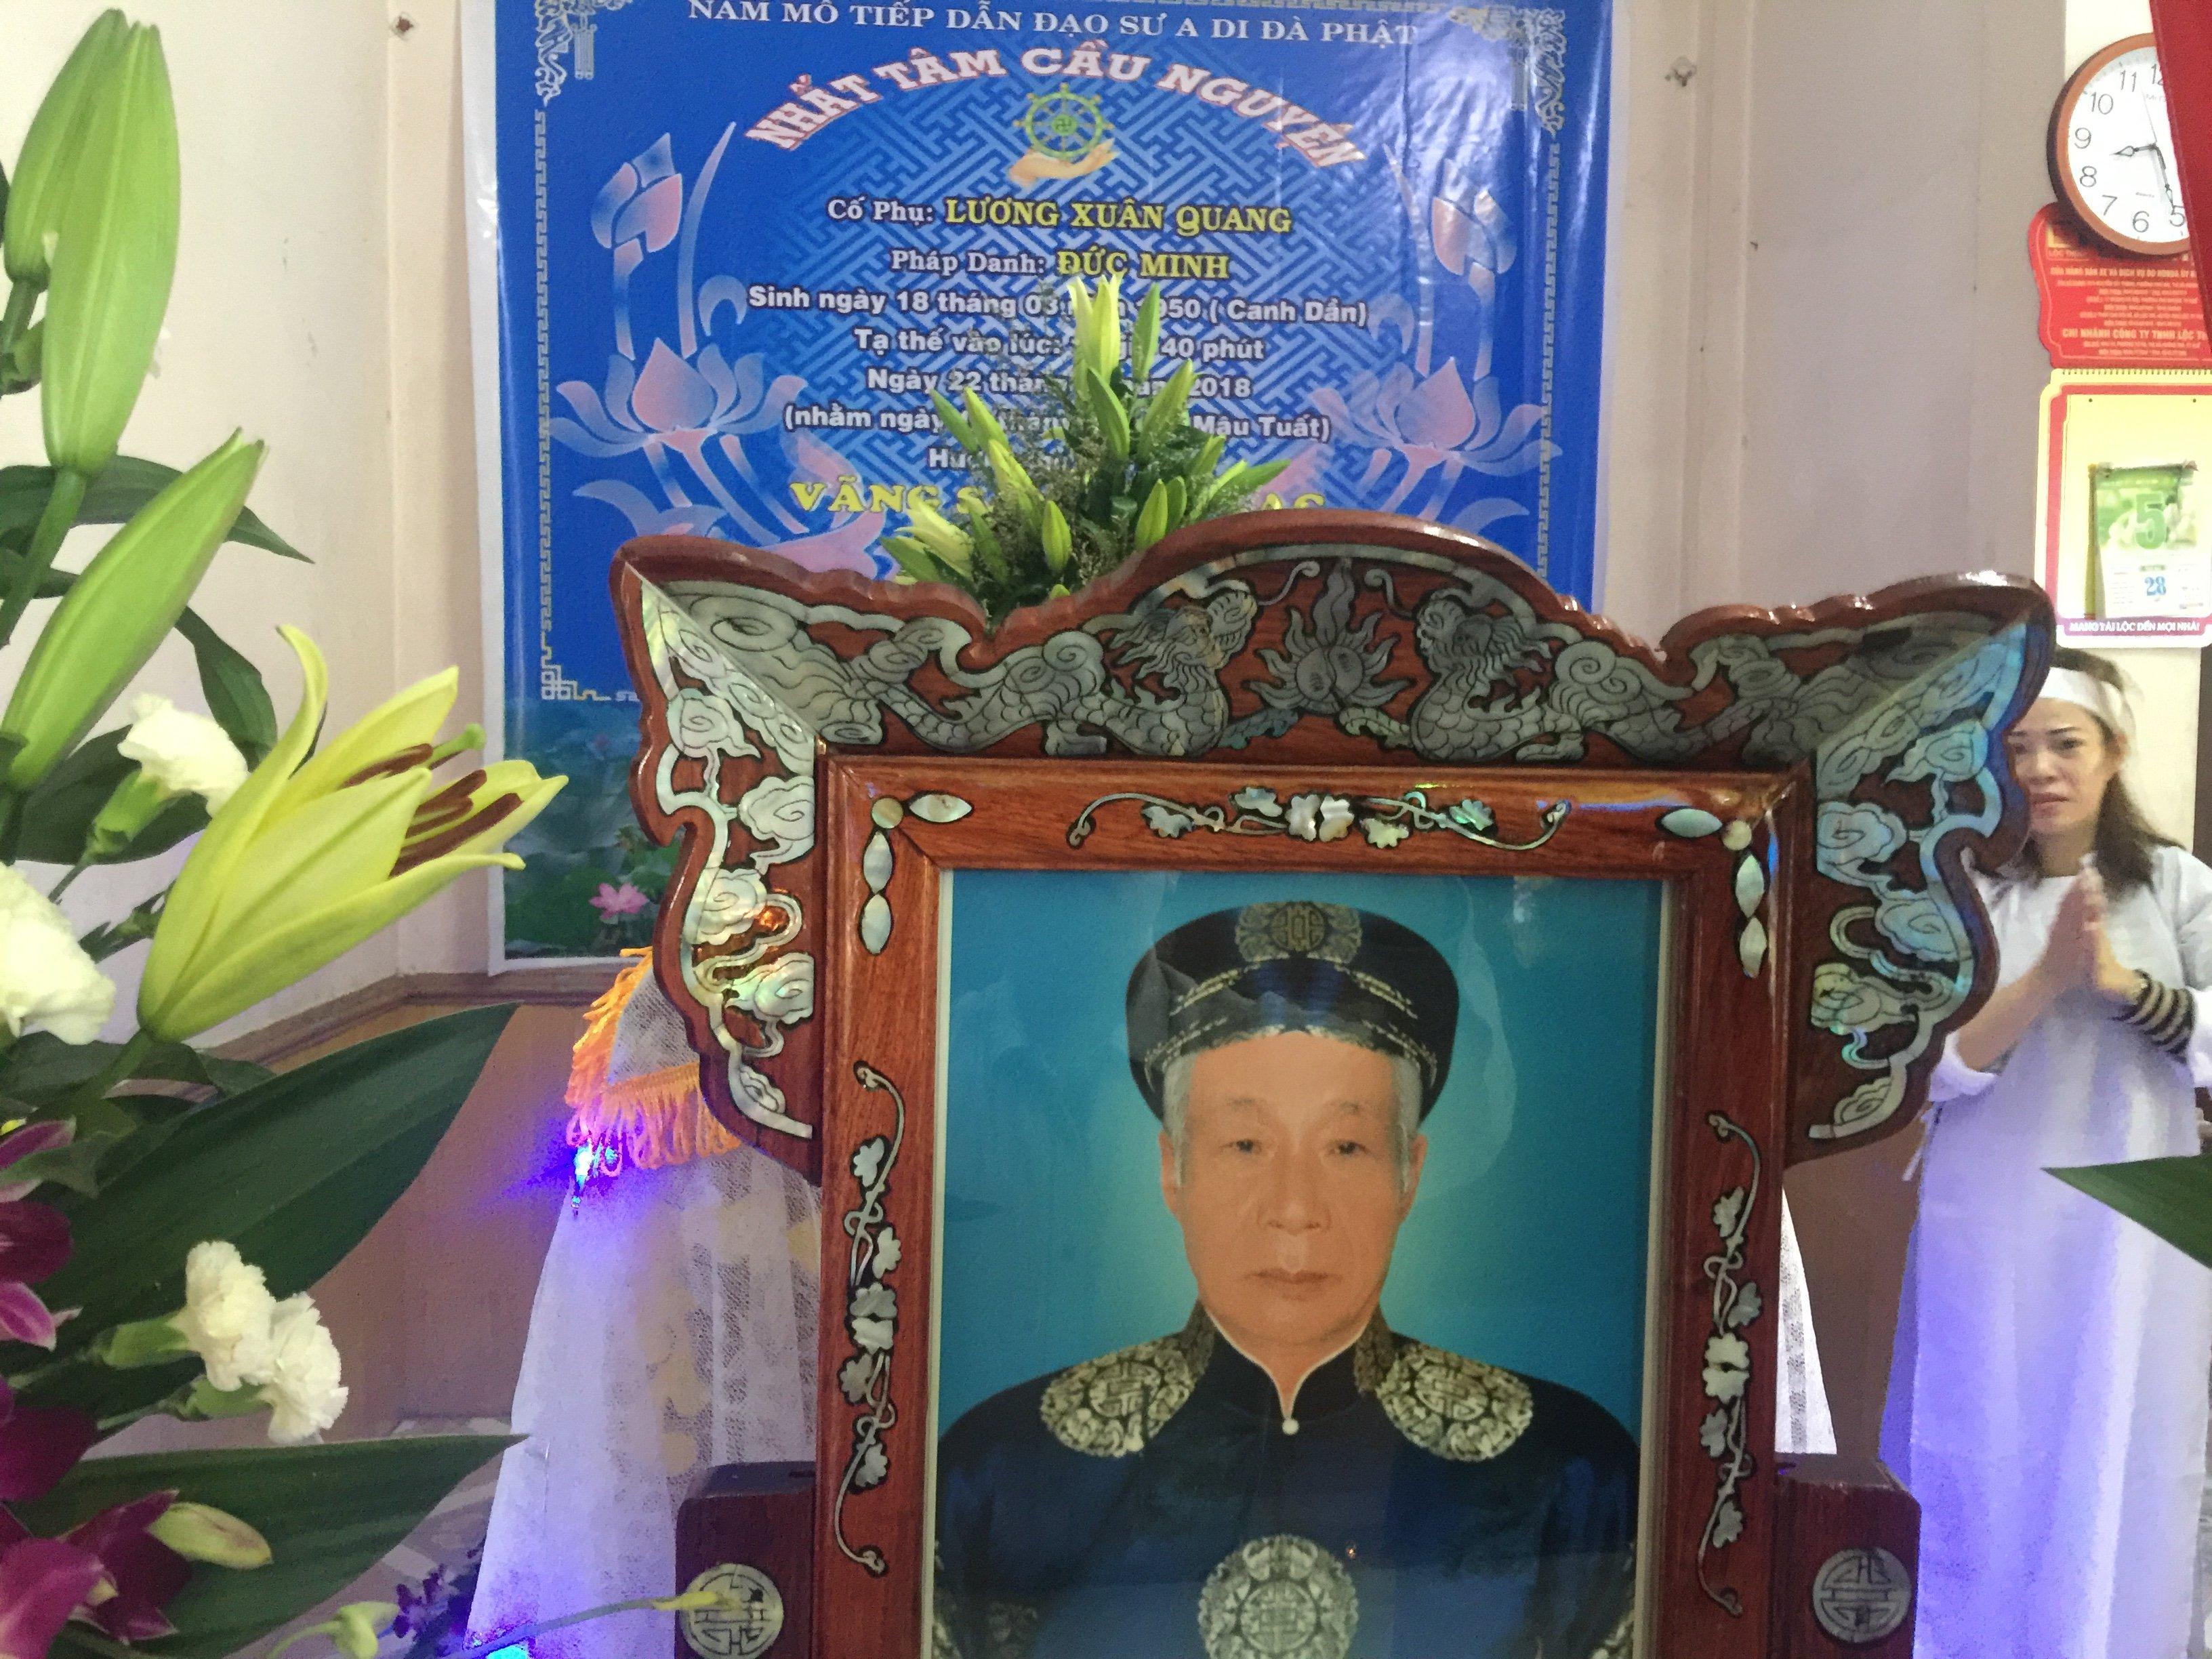 Ông Lương Xuân Quang qua đời